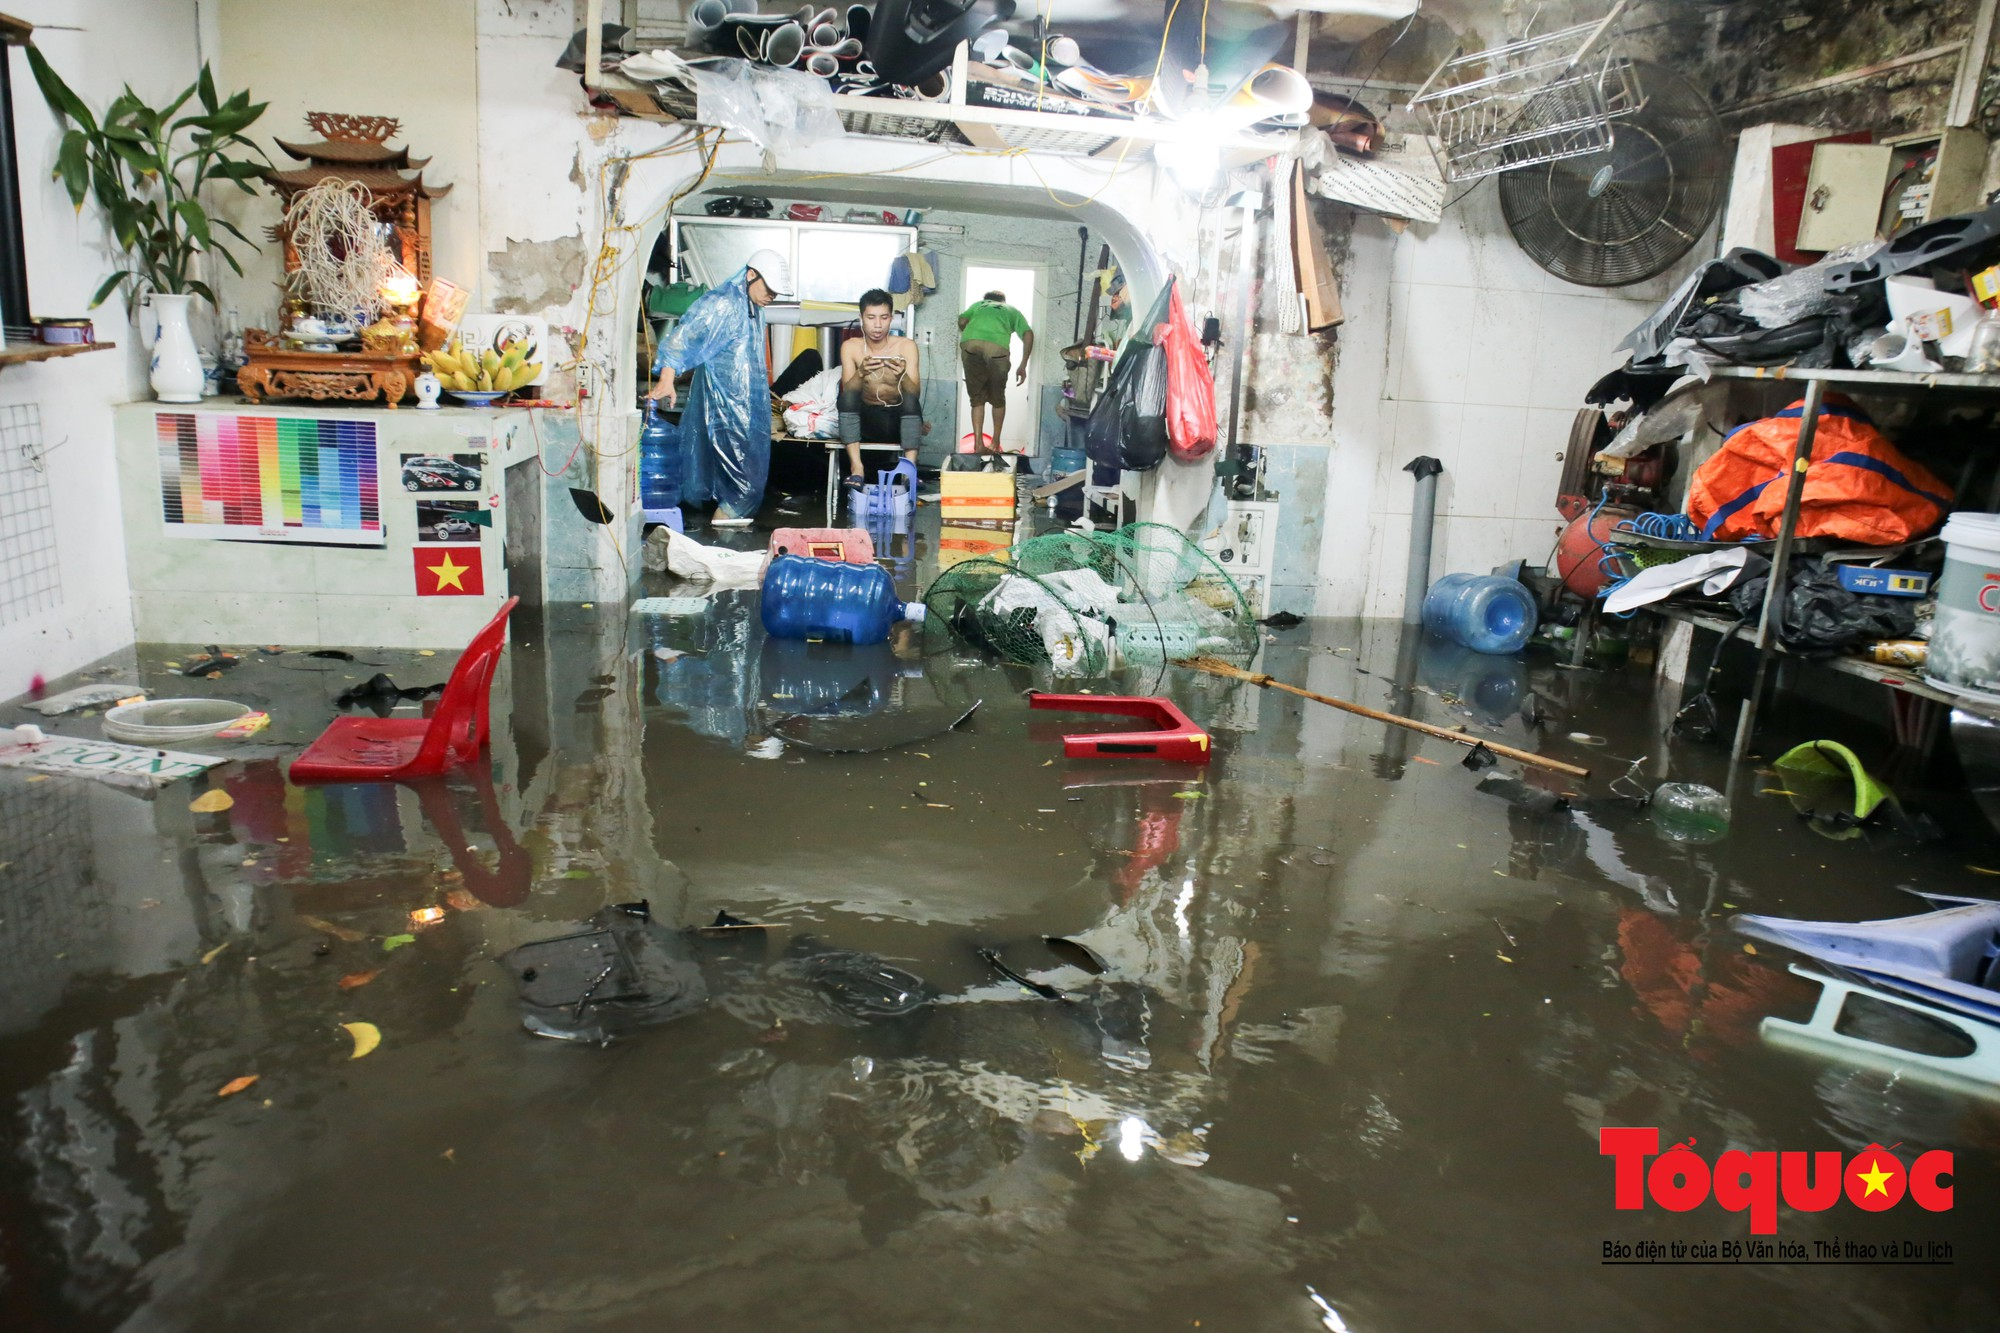 Hà Nội mưa lớn bất ngờ, nhiều tuyến đường lại ngập trong sâu biển nước25